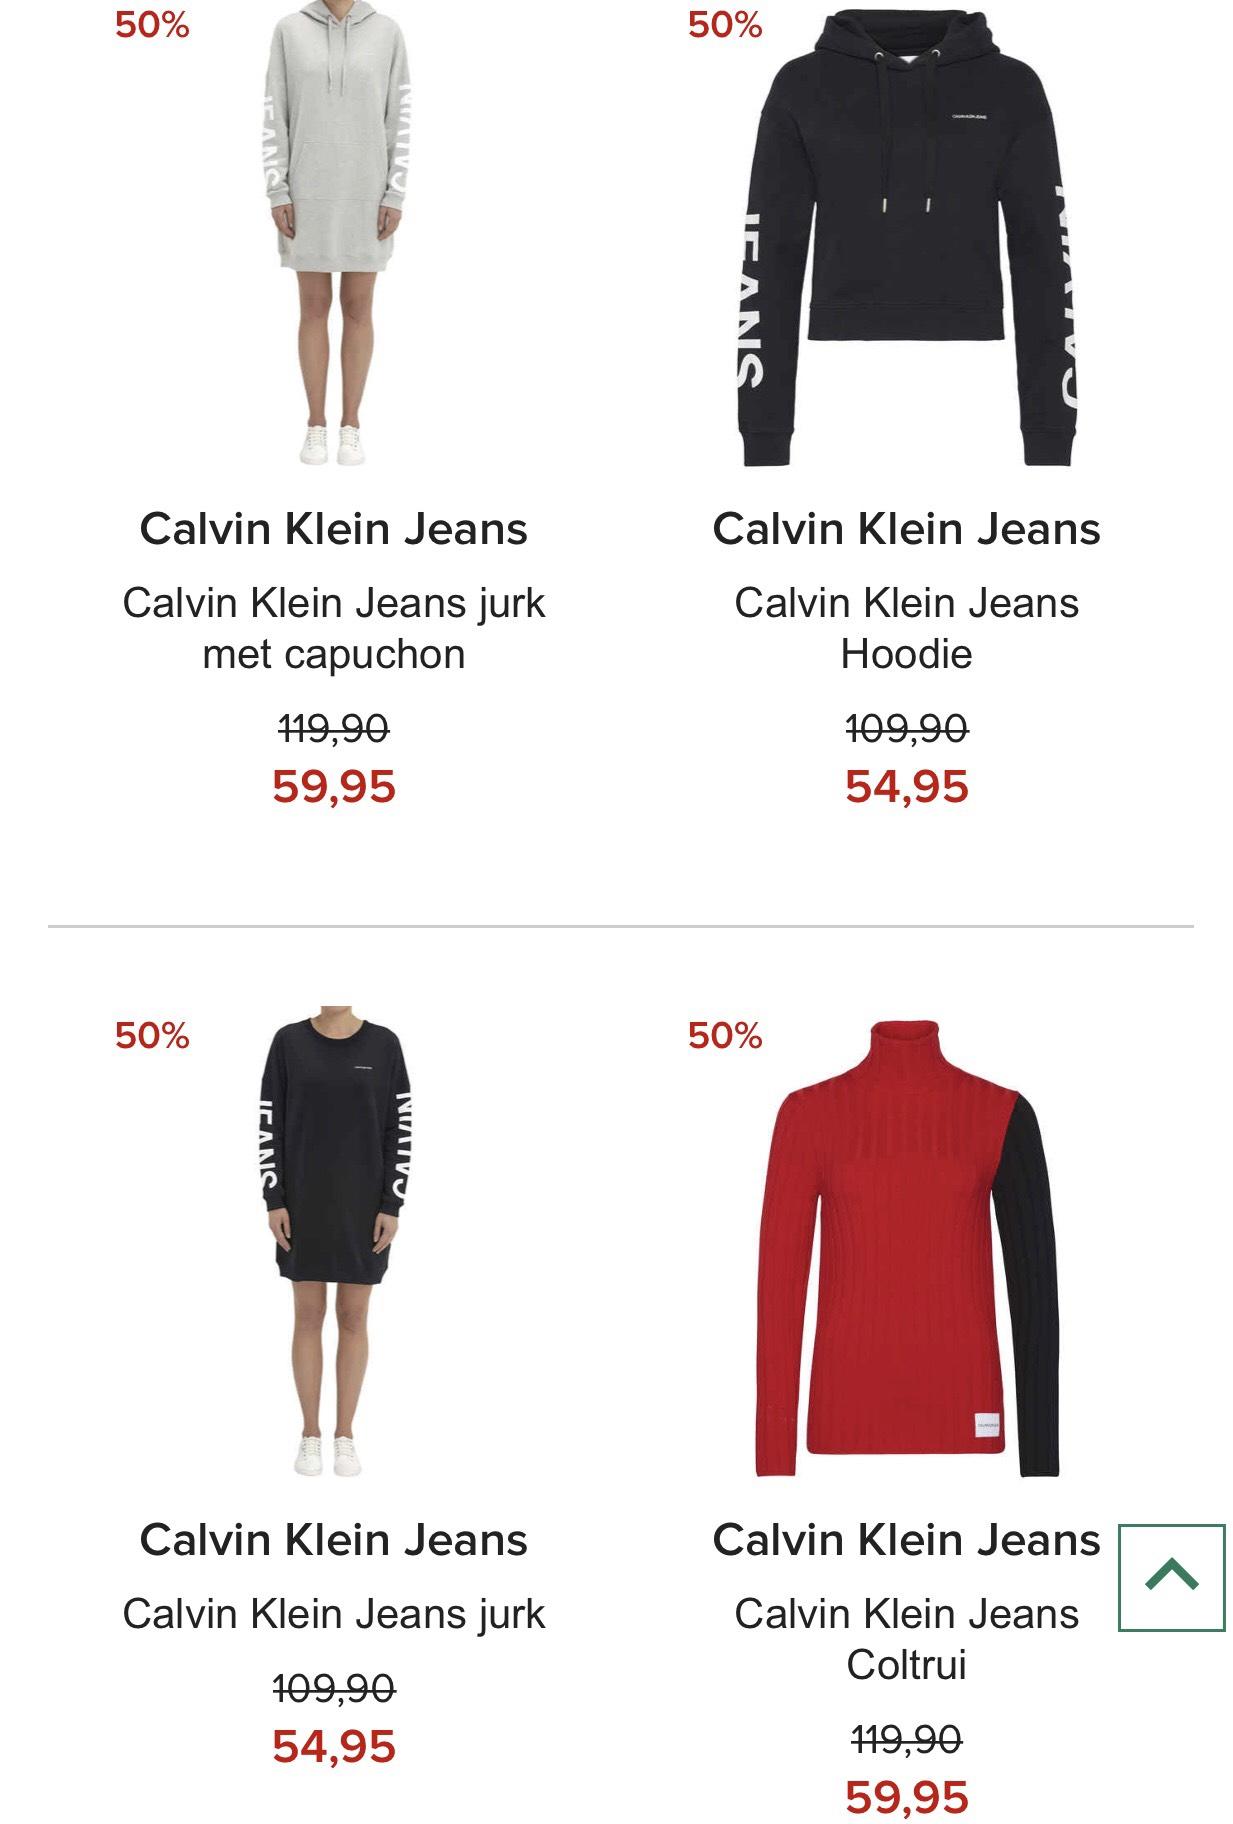 SALE tot -50% korting dames- herenkleding Calvin Klein Jeans @ Hudson's Bay